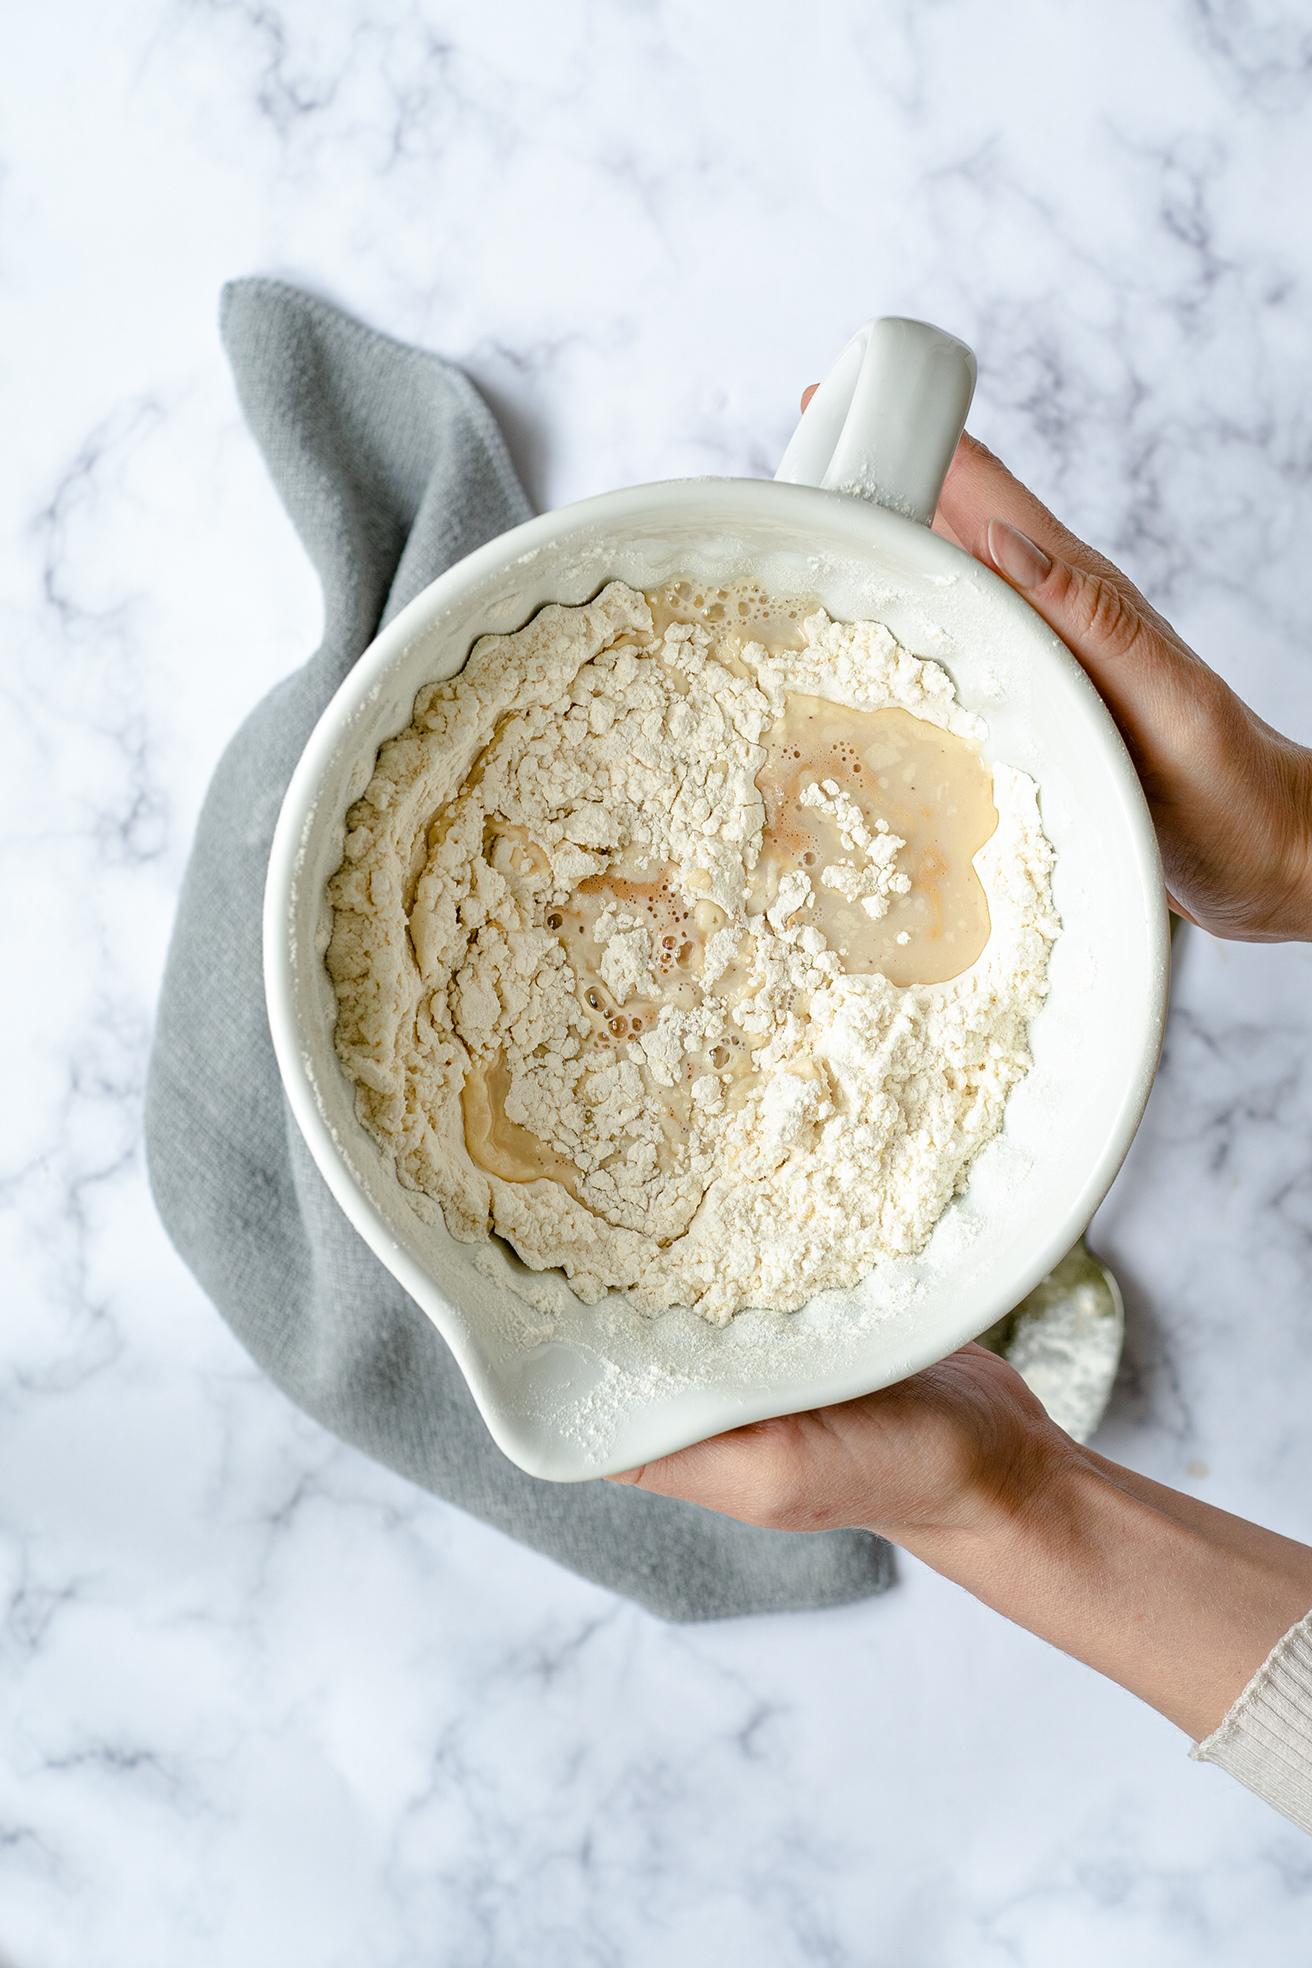 Mehl mit Hefe in einer Schüssel